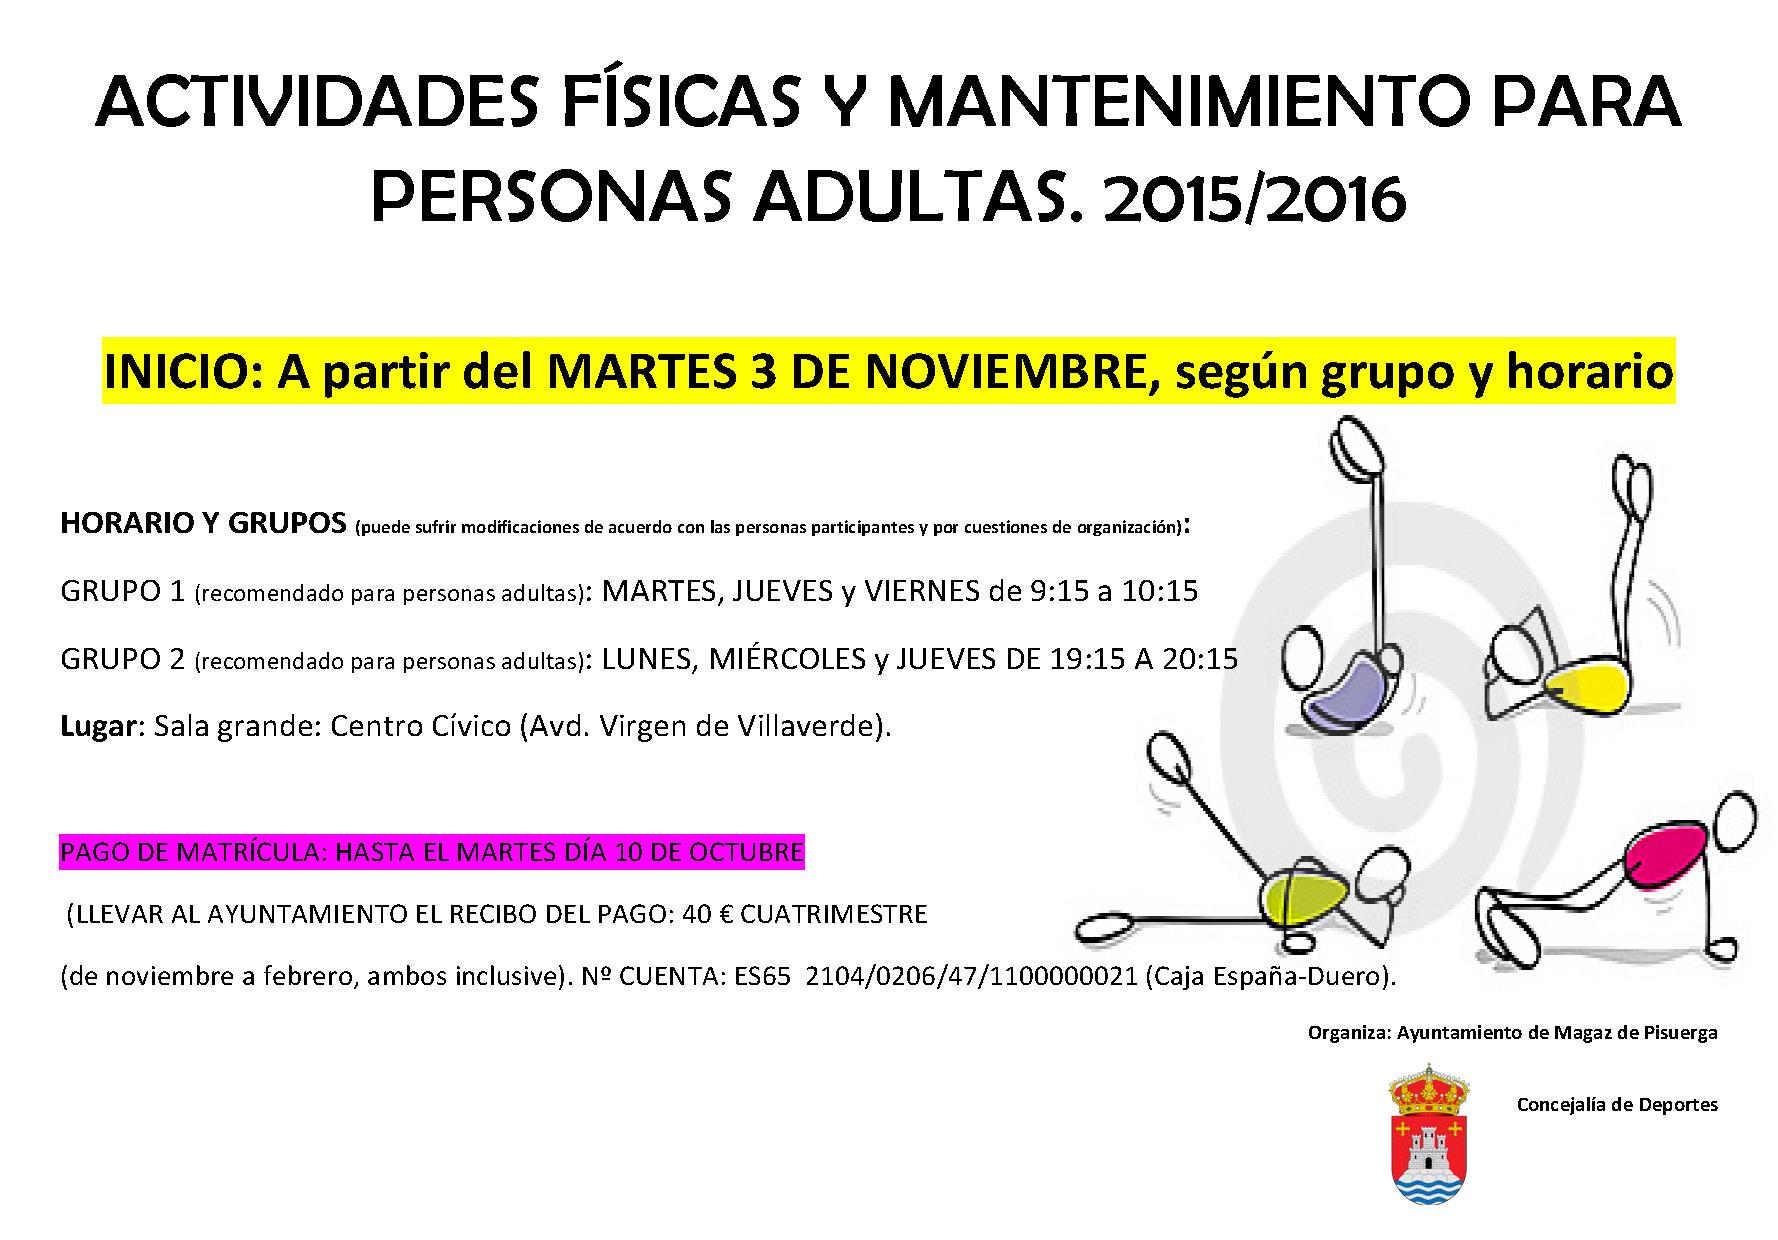 ACTIVIDADES FÍSICAS Y MANTENIMIENTO PARA PERSONAS ADULTAS